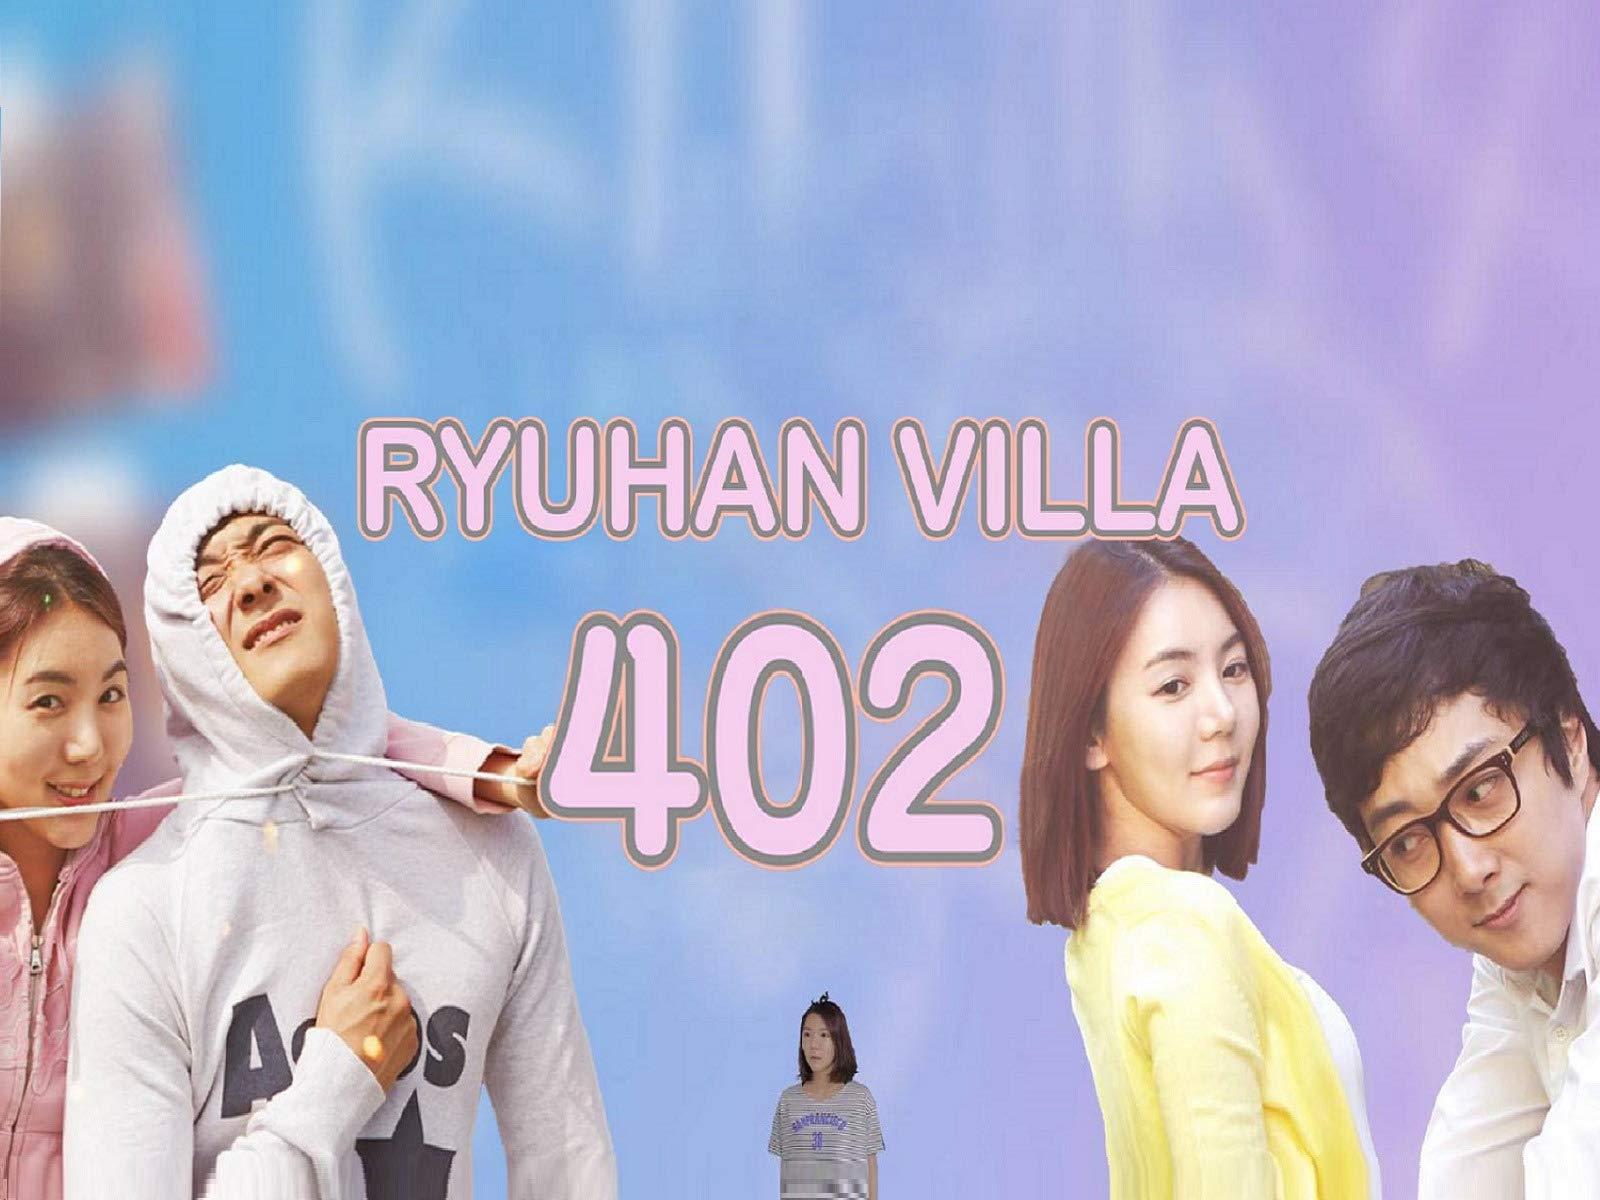 Ryuhan Villa 402